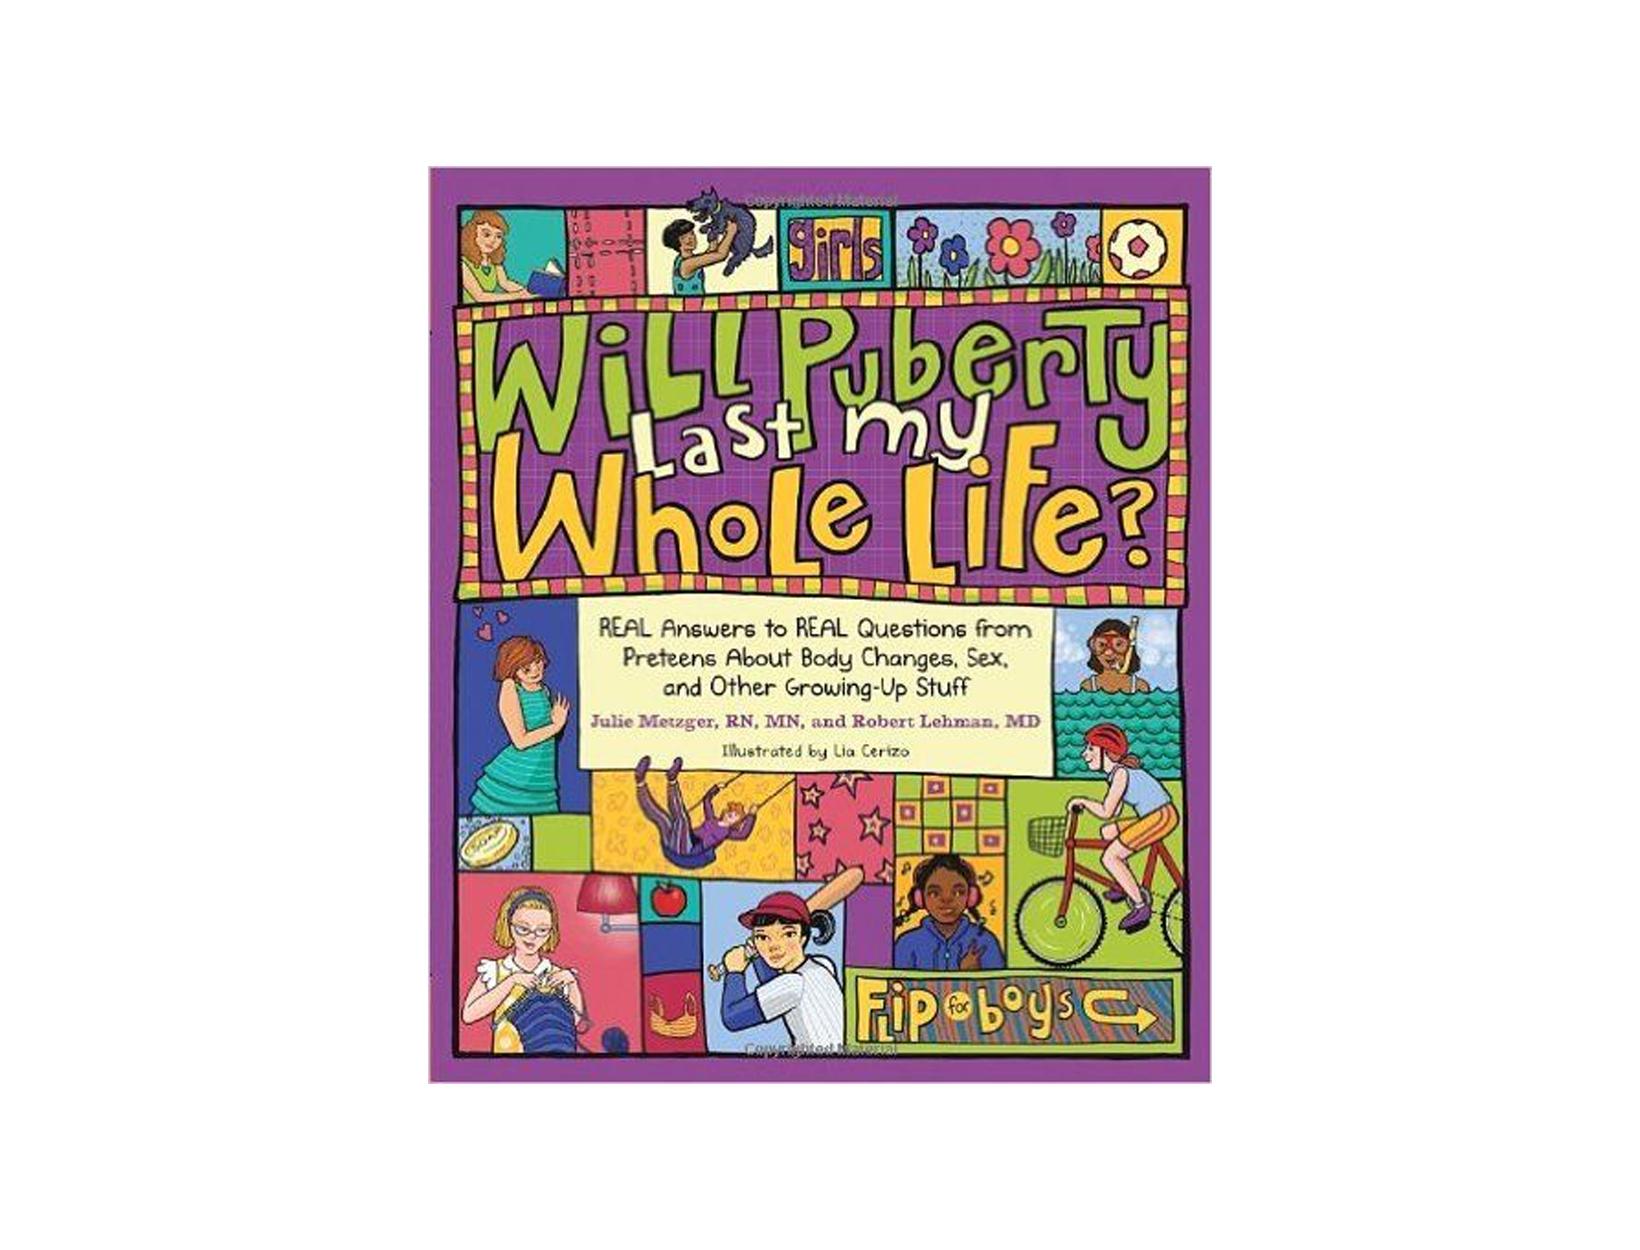 Will Puberty Last My Whole Life? by Julie Metzger R.N., M.N., & Robert Lehman, M.D.